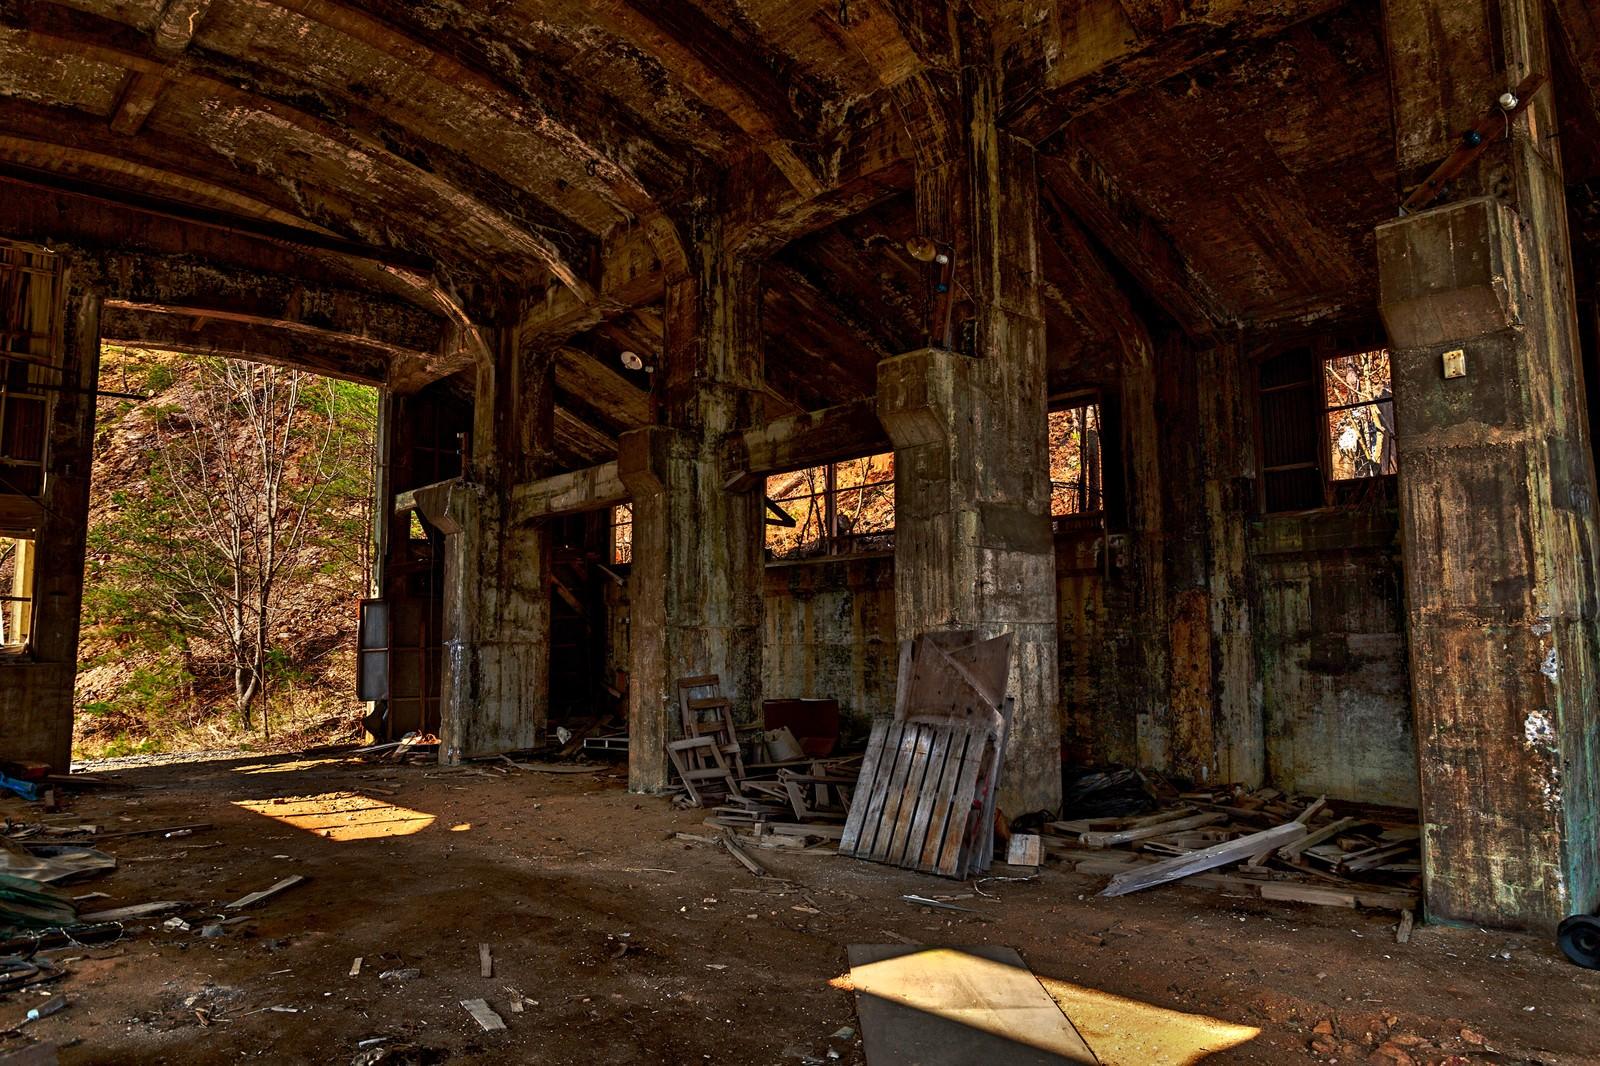 「瓦礫と今にも崩れそうな作業現場」の写真